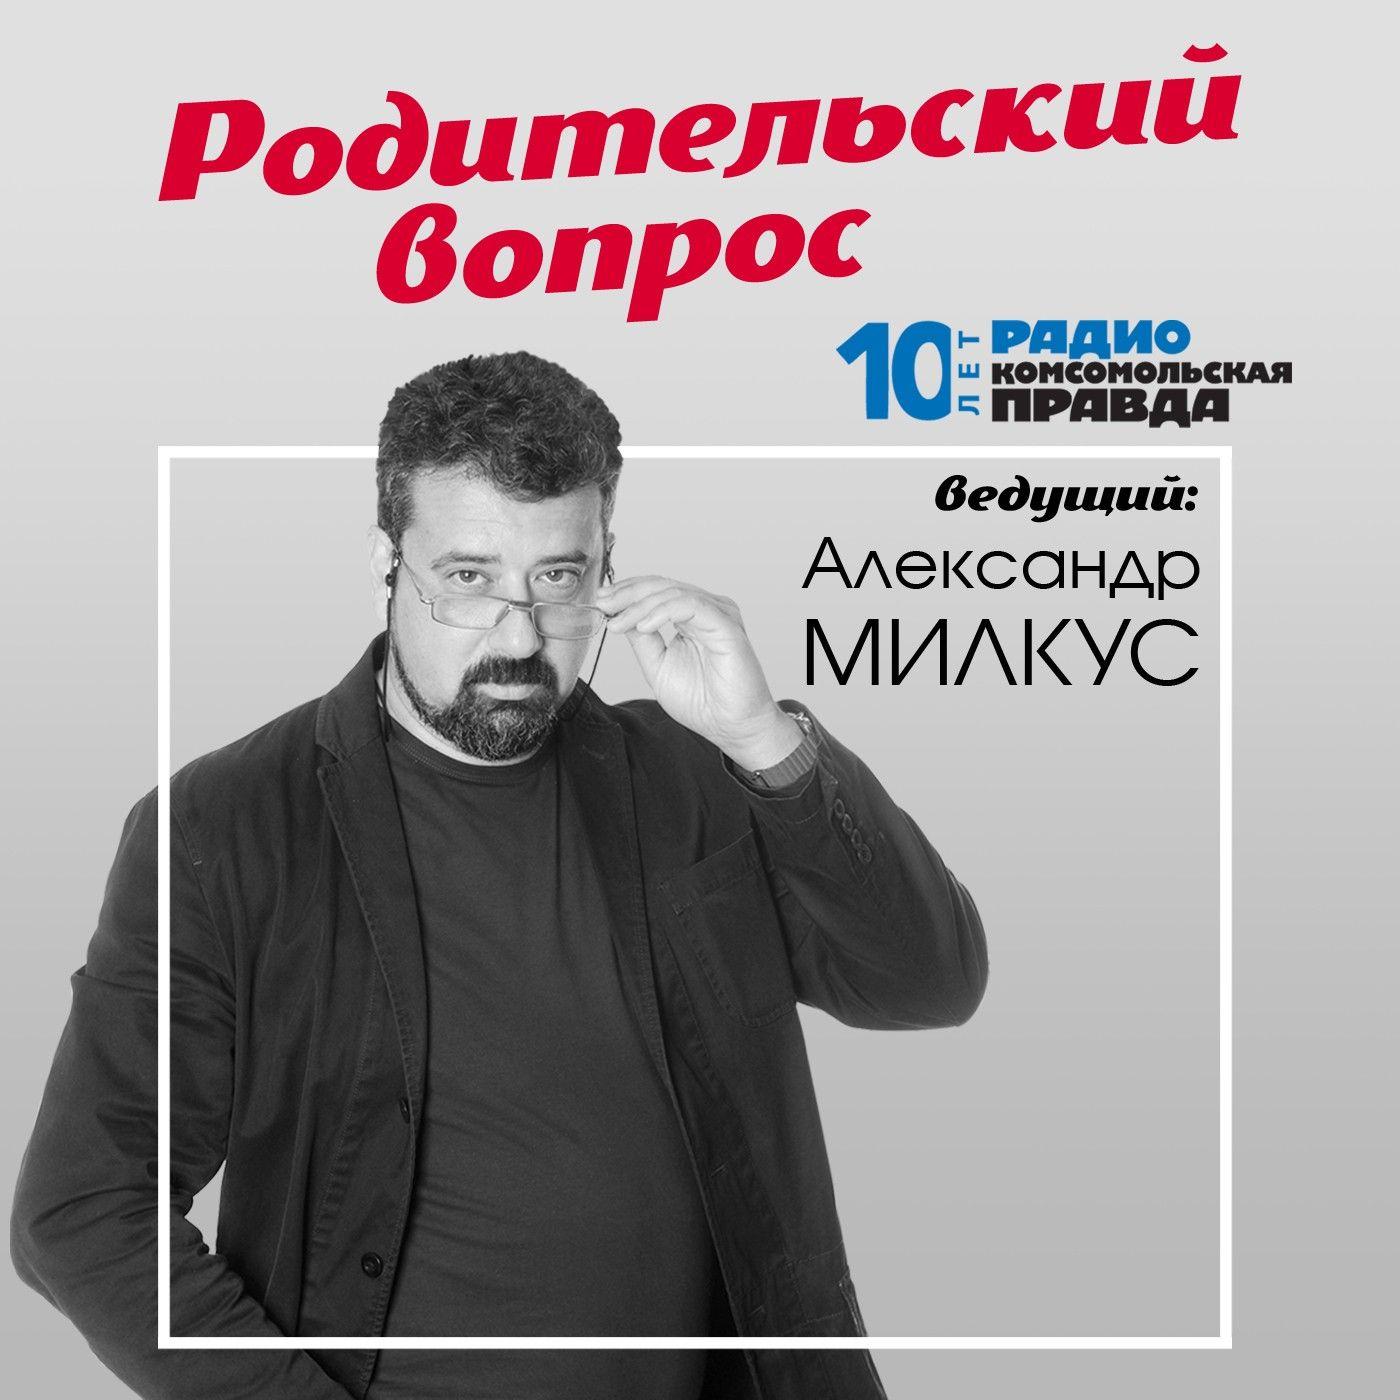 Радио «Комсомольская правда» Как подготовиться к приходу Деда Мороза росмэн книга стихи для деда мороза